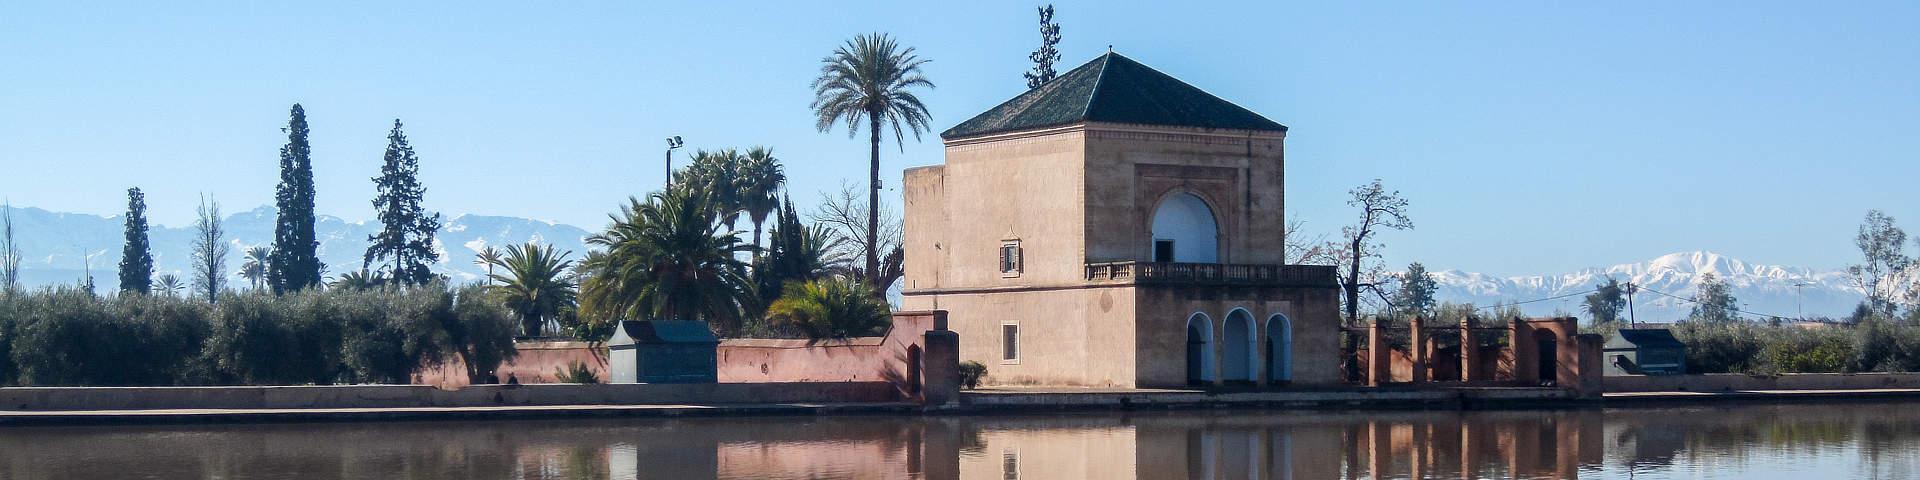 Menara tuinen Marrakech Marokko